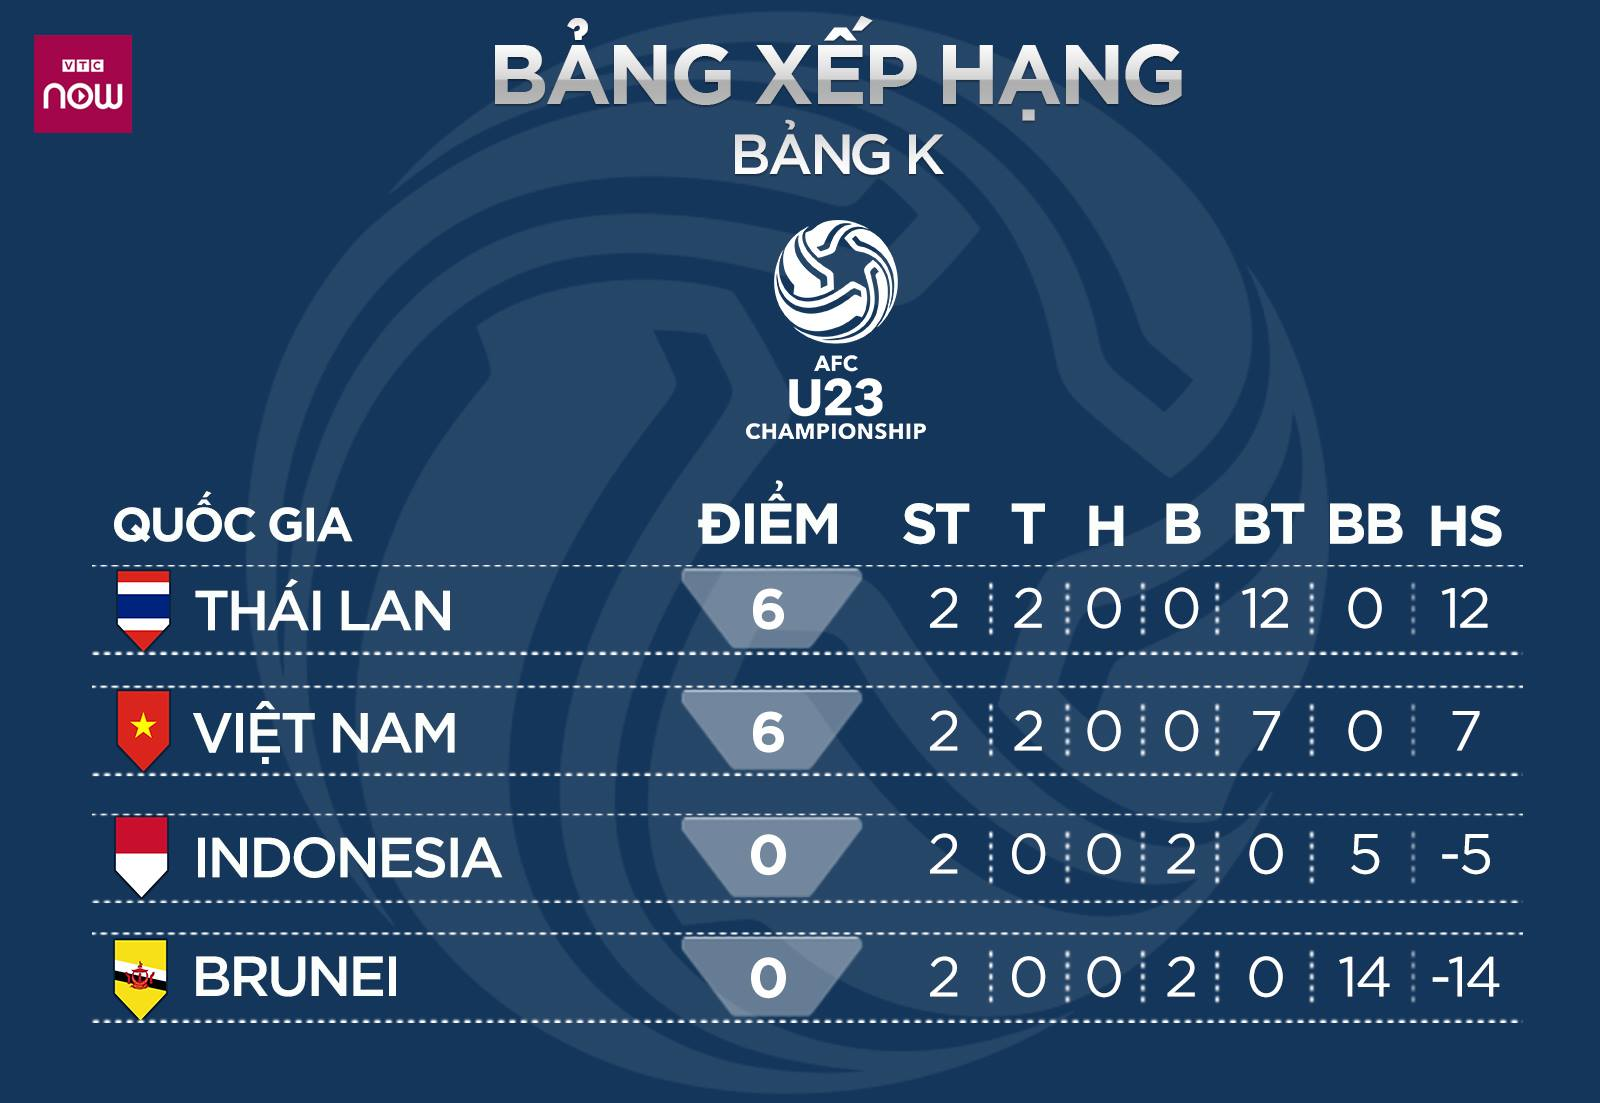 bxh bảng k, bảng xếp hạng bảng K, bảng xếp hạng bảng K vòng loại U23 châu Á 2020, U23 Việt Nam, lịch thi đấu vòng loại U23 châu Á, lich thi dau U23 chau A, kết quả bóng đá, kết quả U23 châu Á, kết quả U23 Việt Nam,